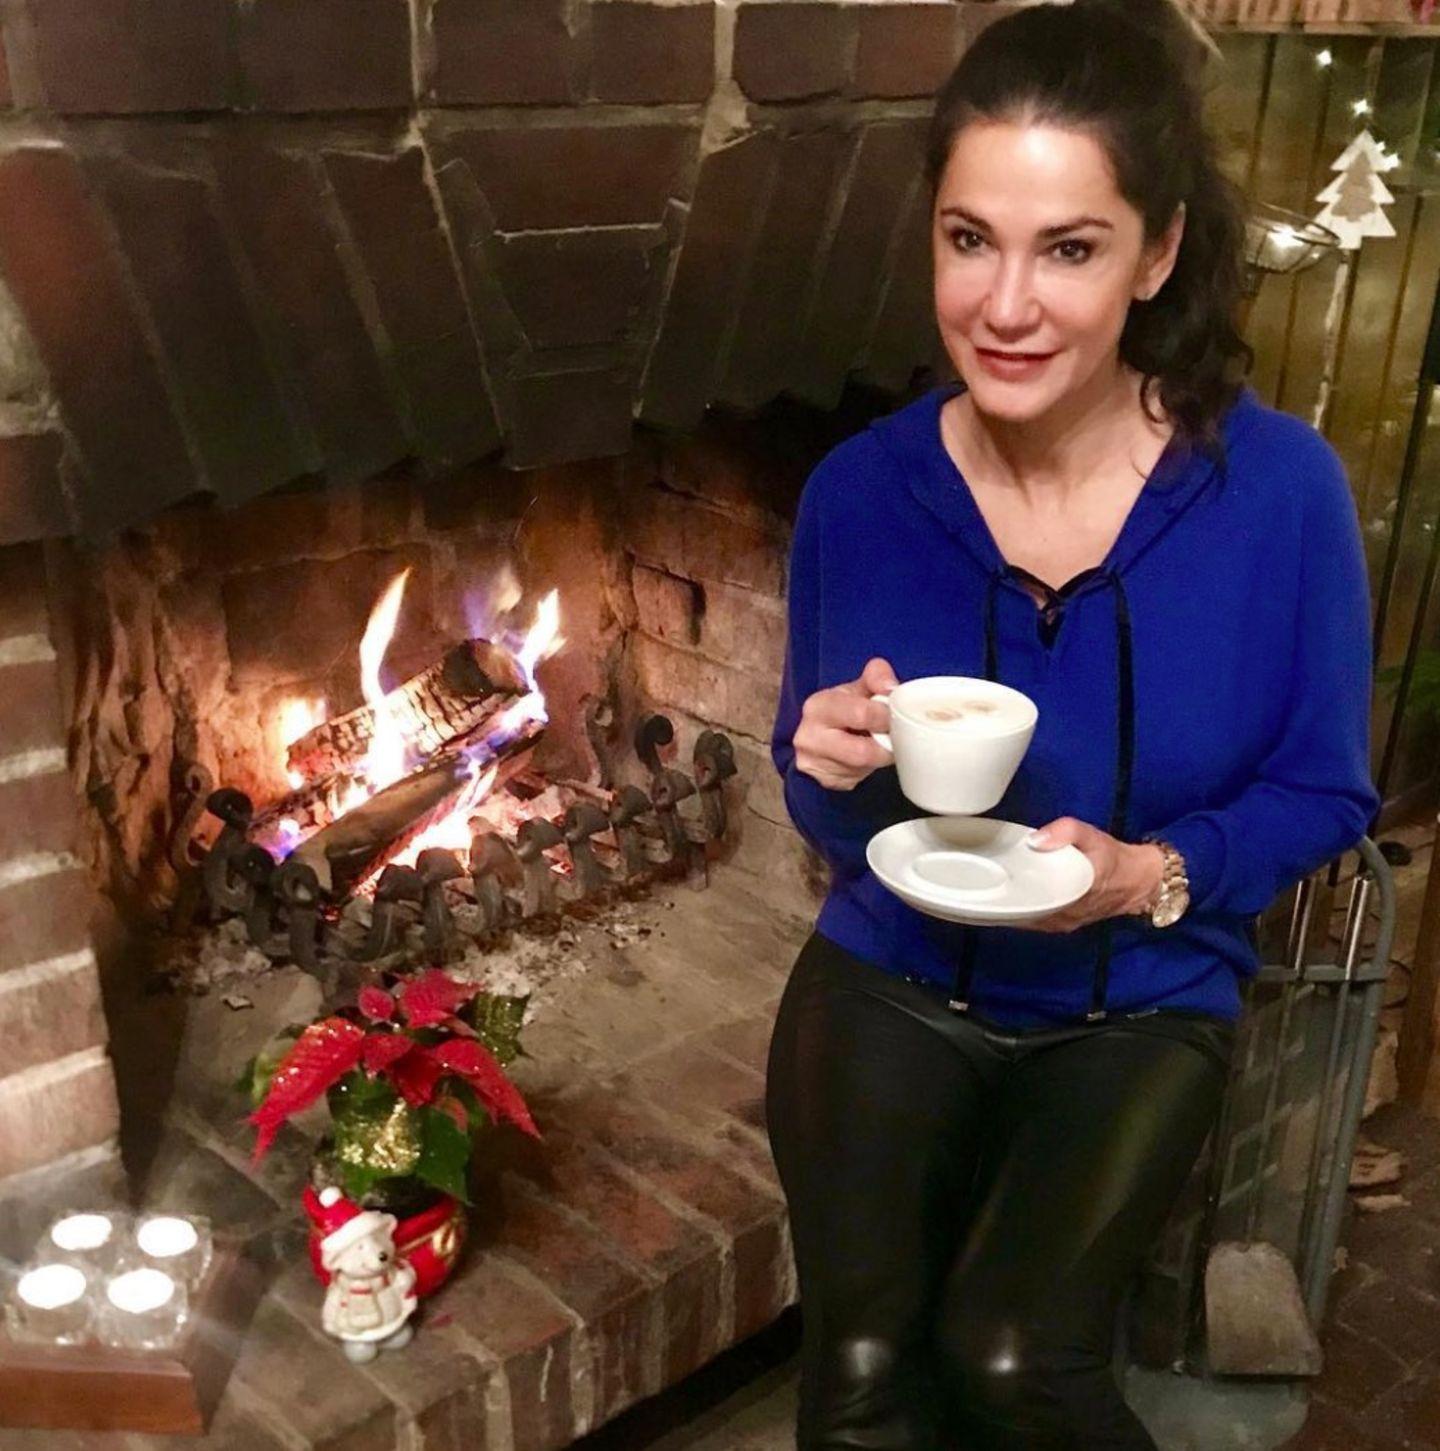 Den ersten Advent verbringt Schauspielerin Mariella Ahrens am offenen Kamin. Damit sie auch von Innen aufgewärmt wird, trinkt sie eine Tasse Cappucchino.